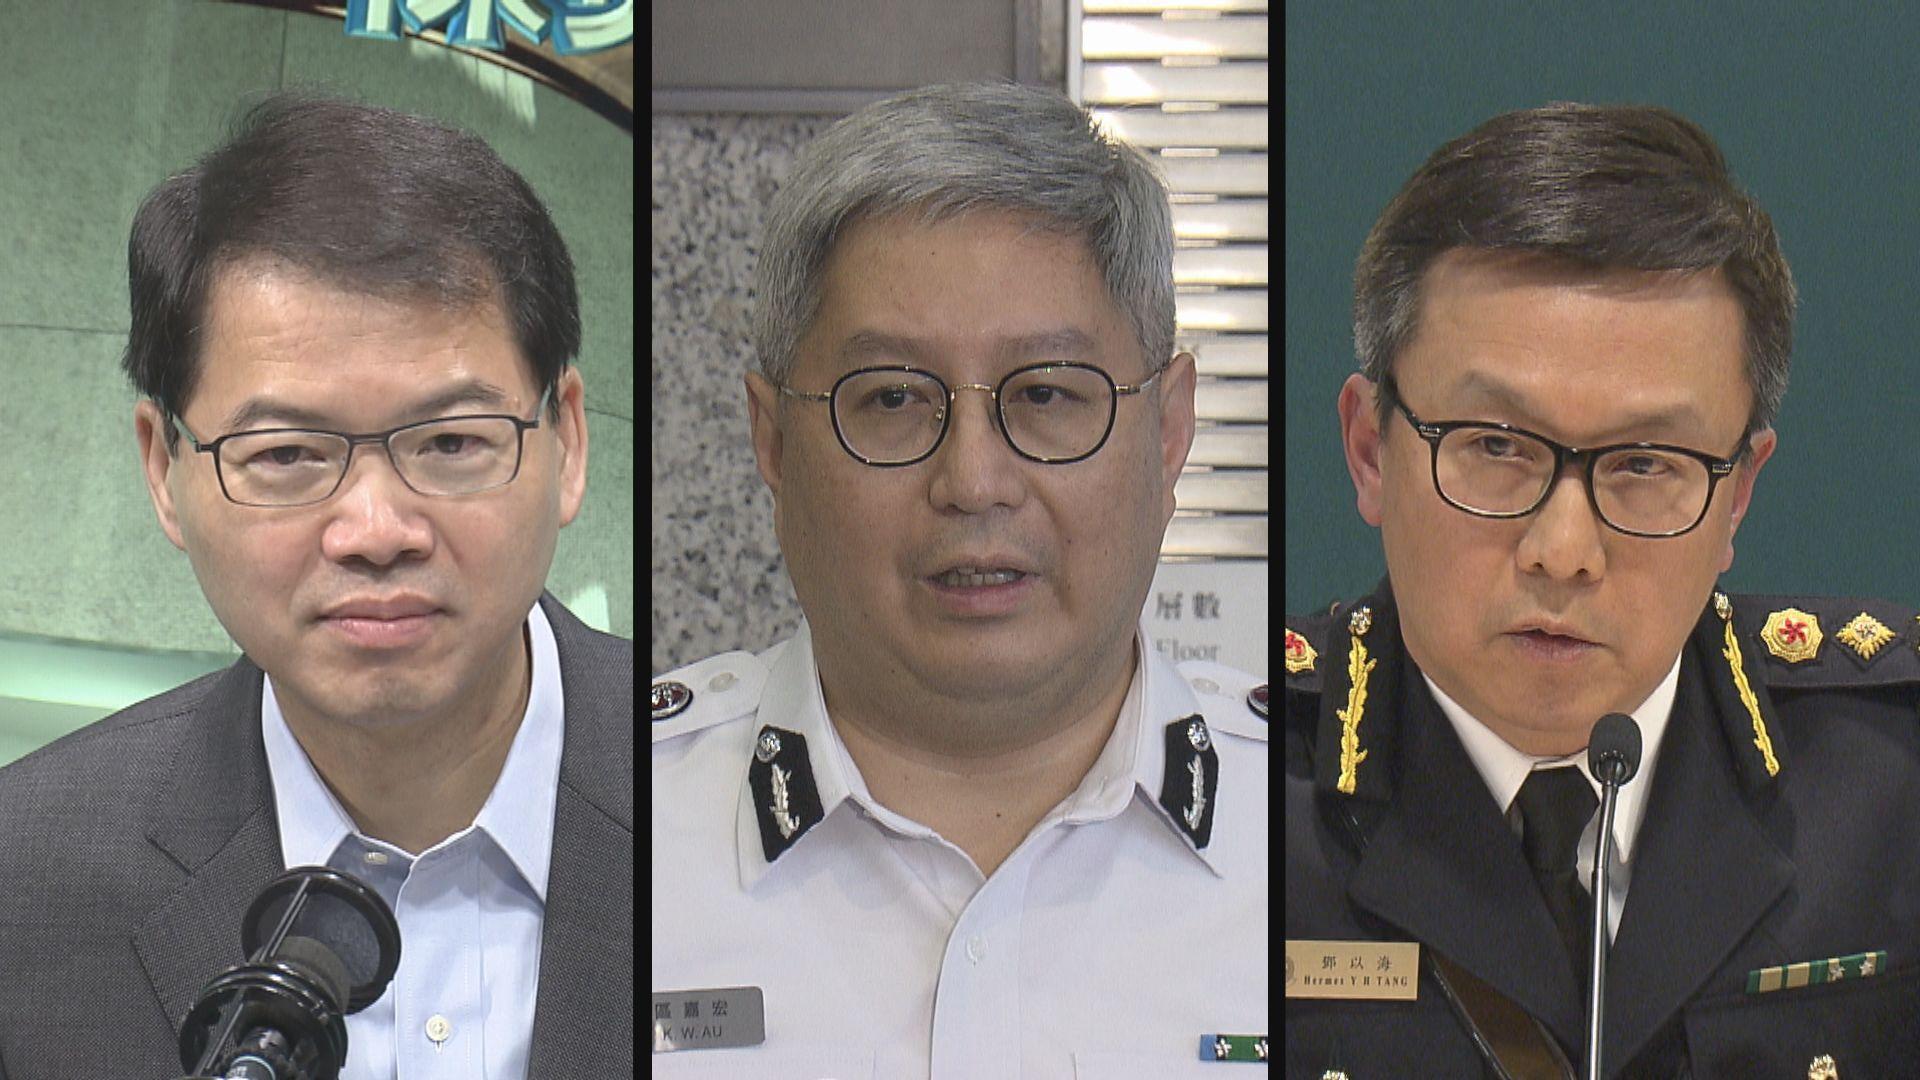 區嘉宏、鄧以海、區志光承認出席飯局違限聚令遭票控